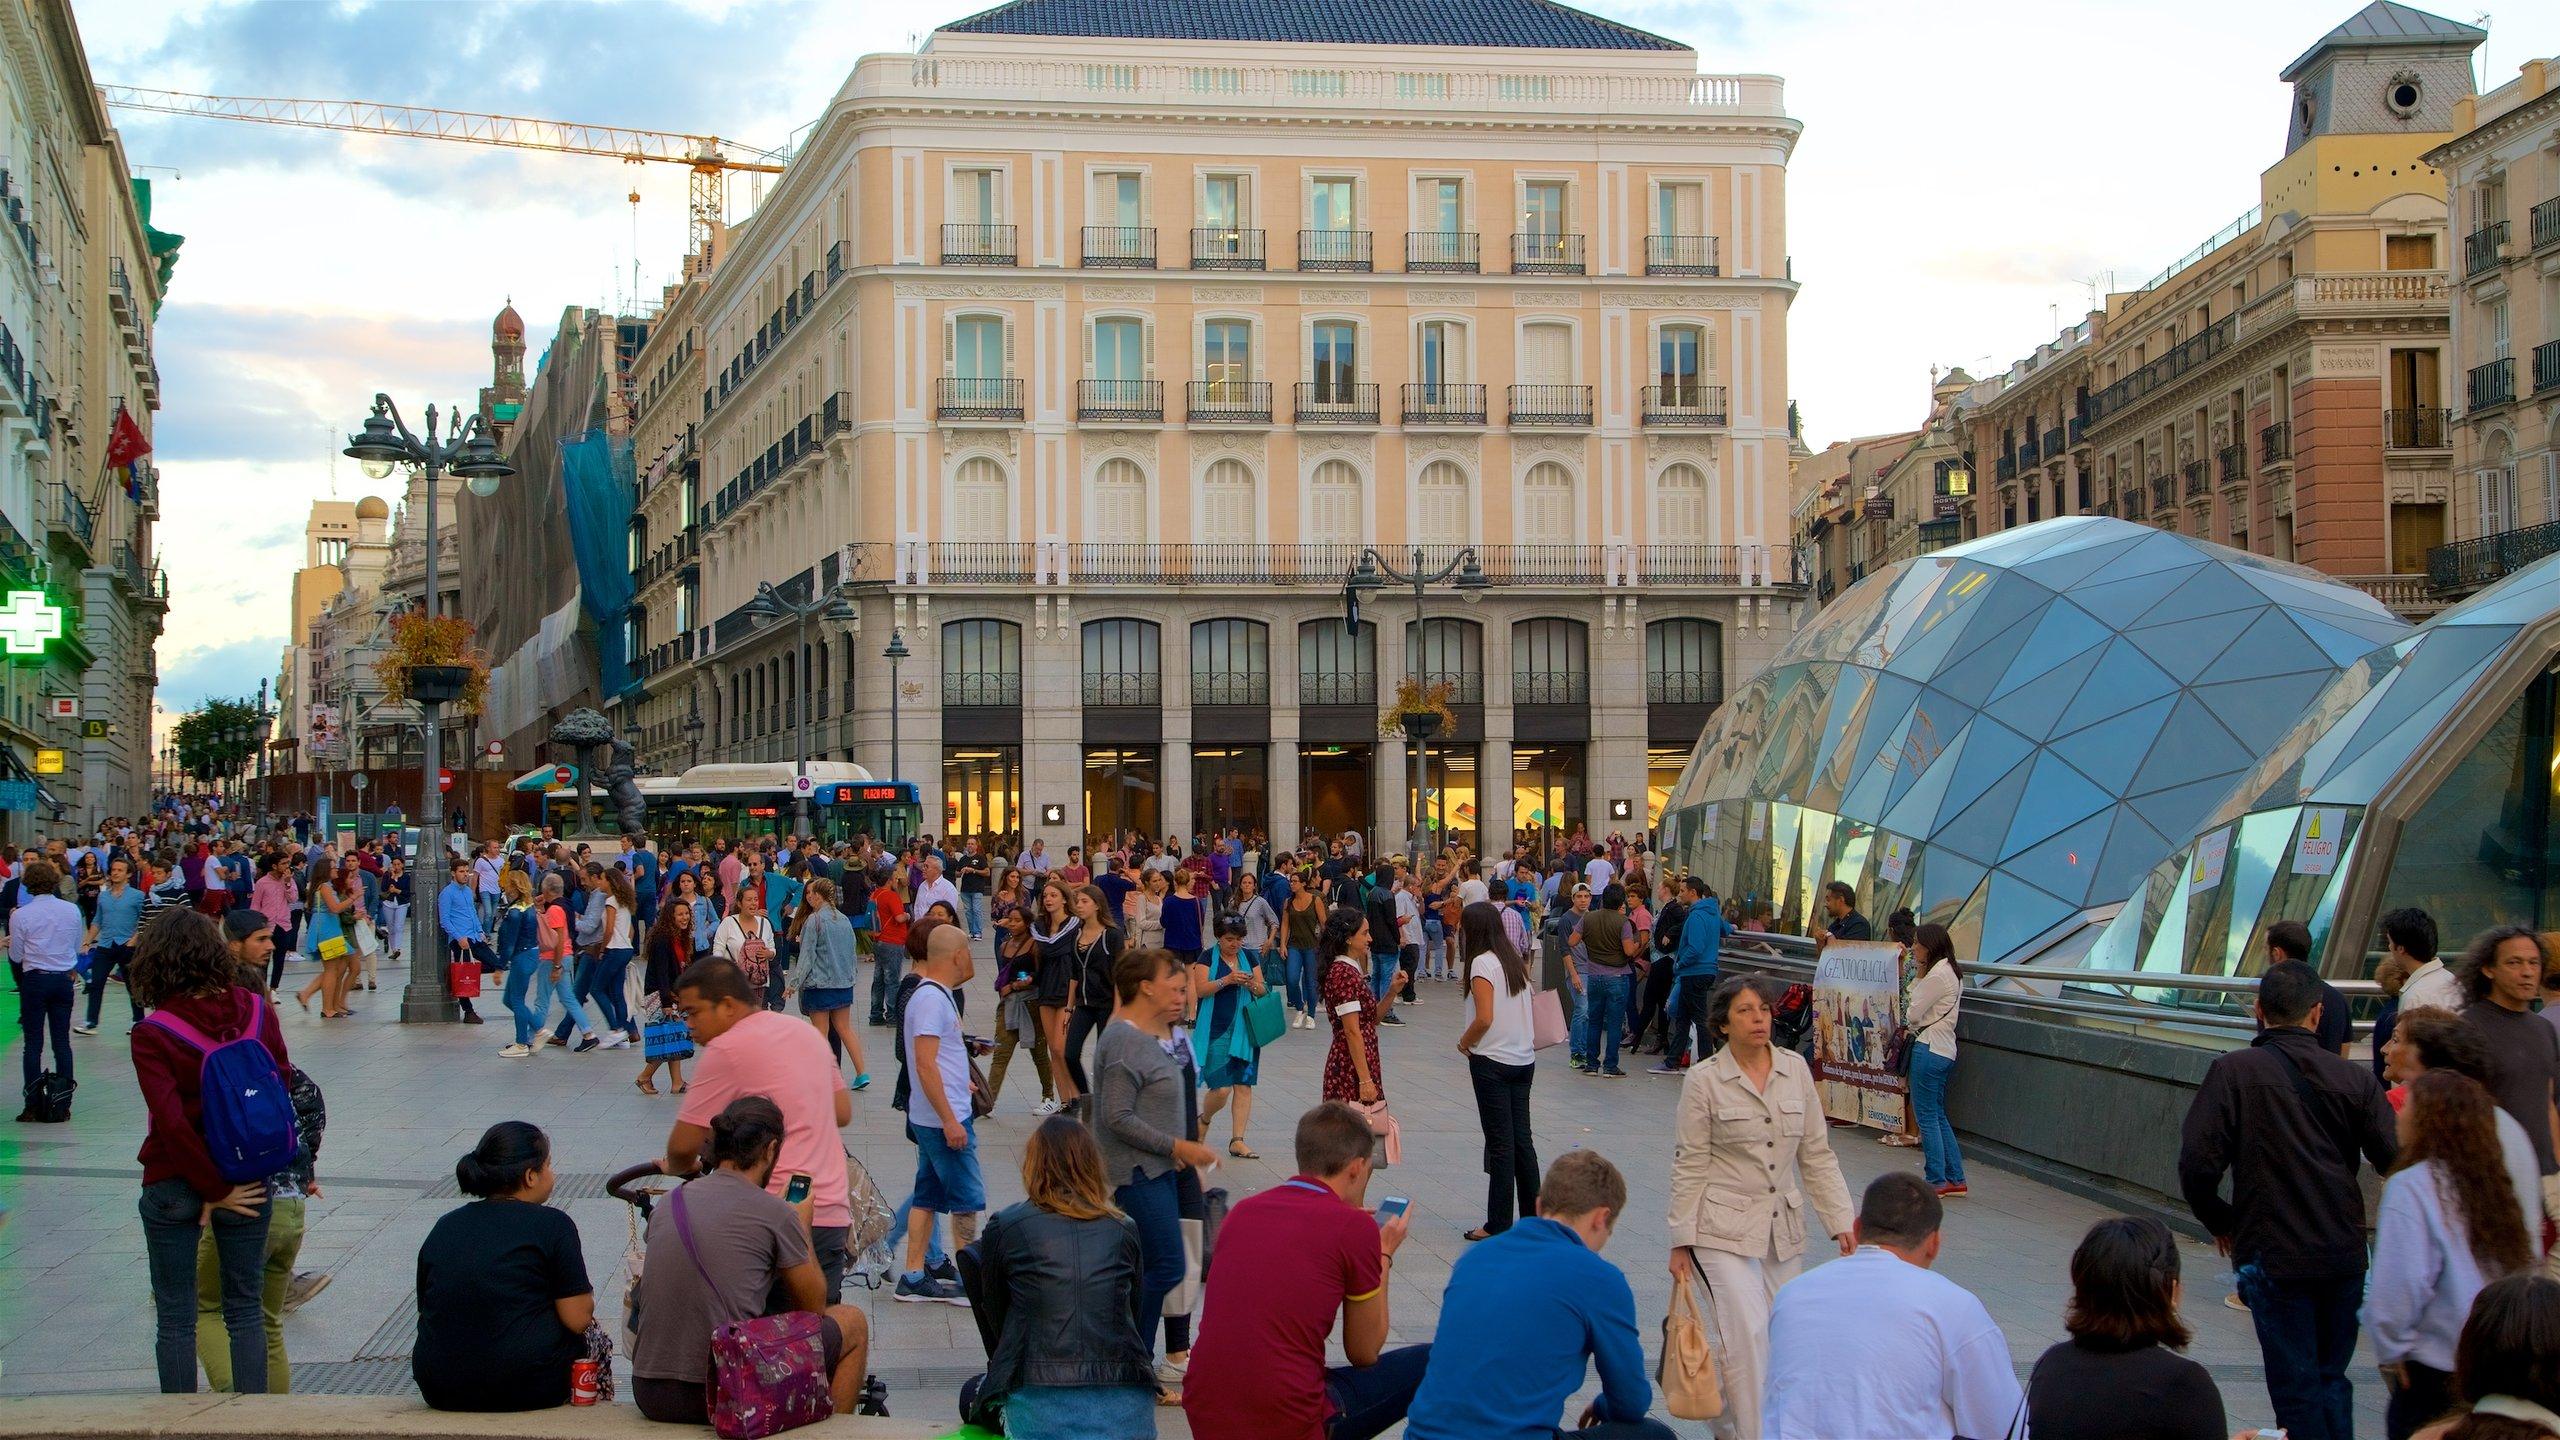 Visita el centro de Madrid y percibe la dinámica de la ciudad, mientras miles de personas se reúnen para salir a disfrutar de la noche, se encuentran para una protesta o dan comienzo a un tour de la ciudad.